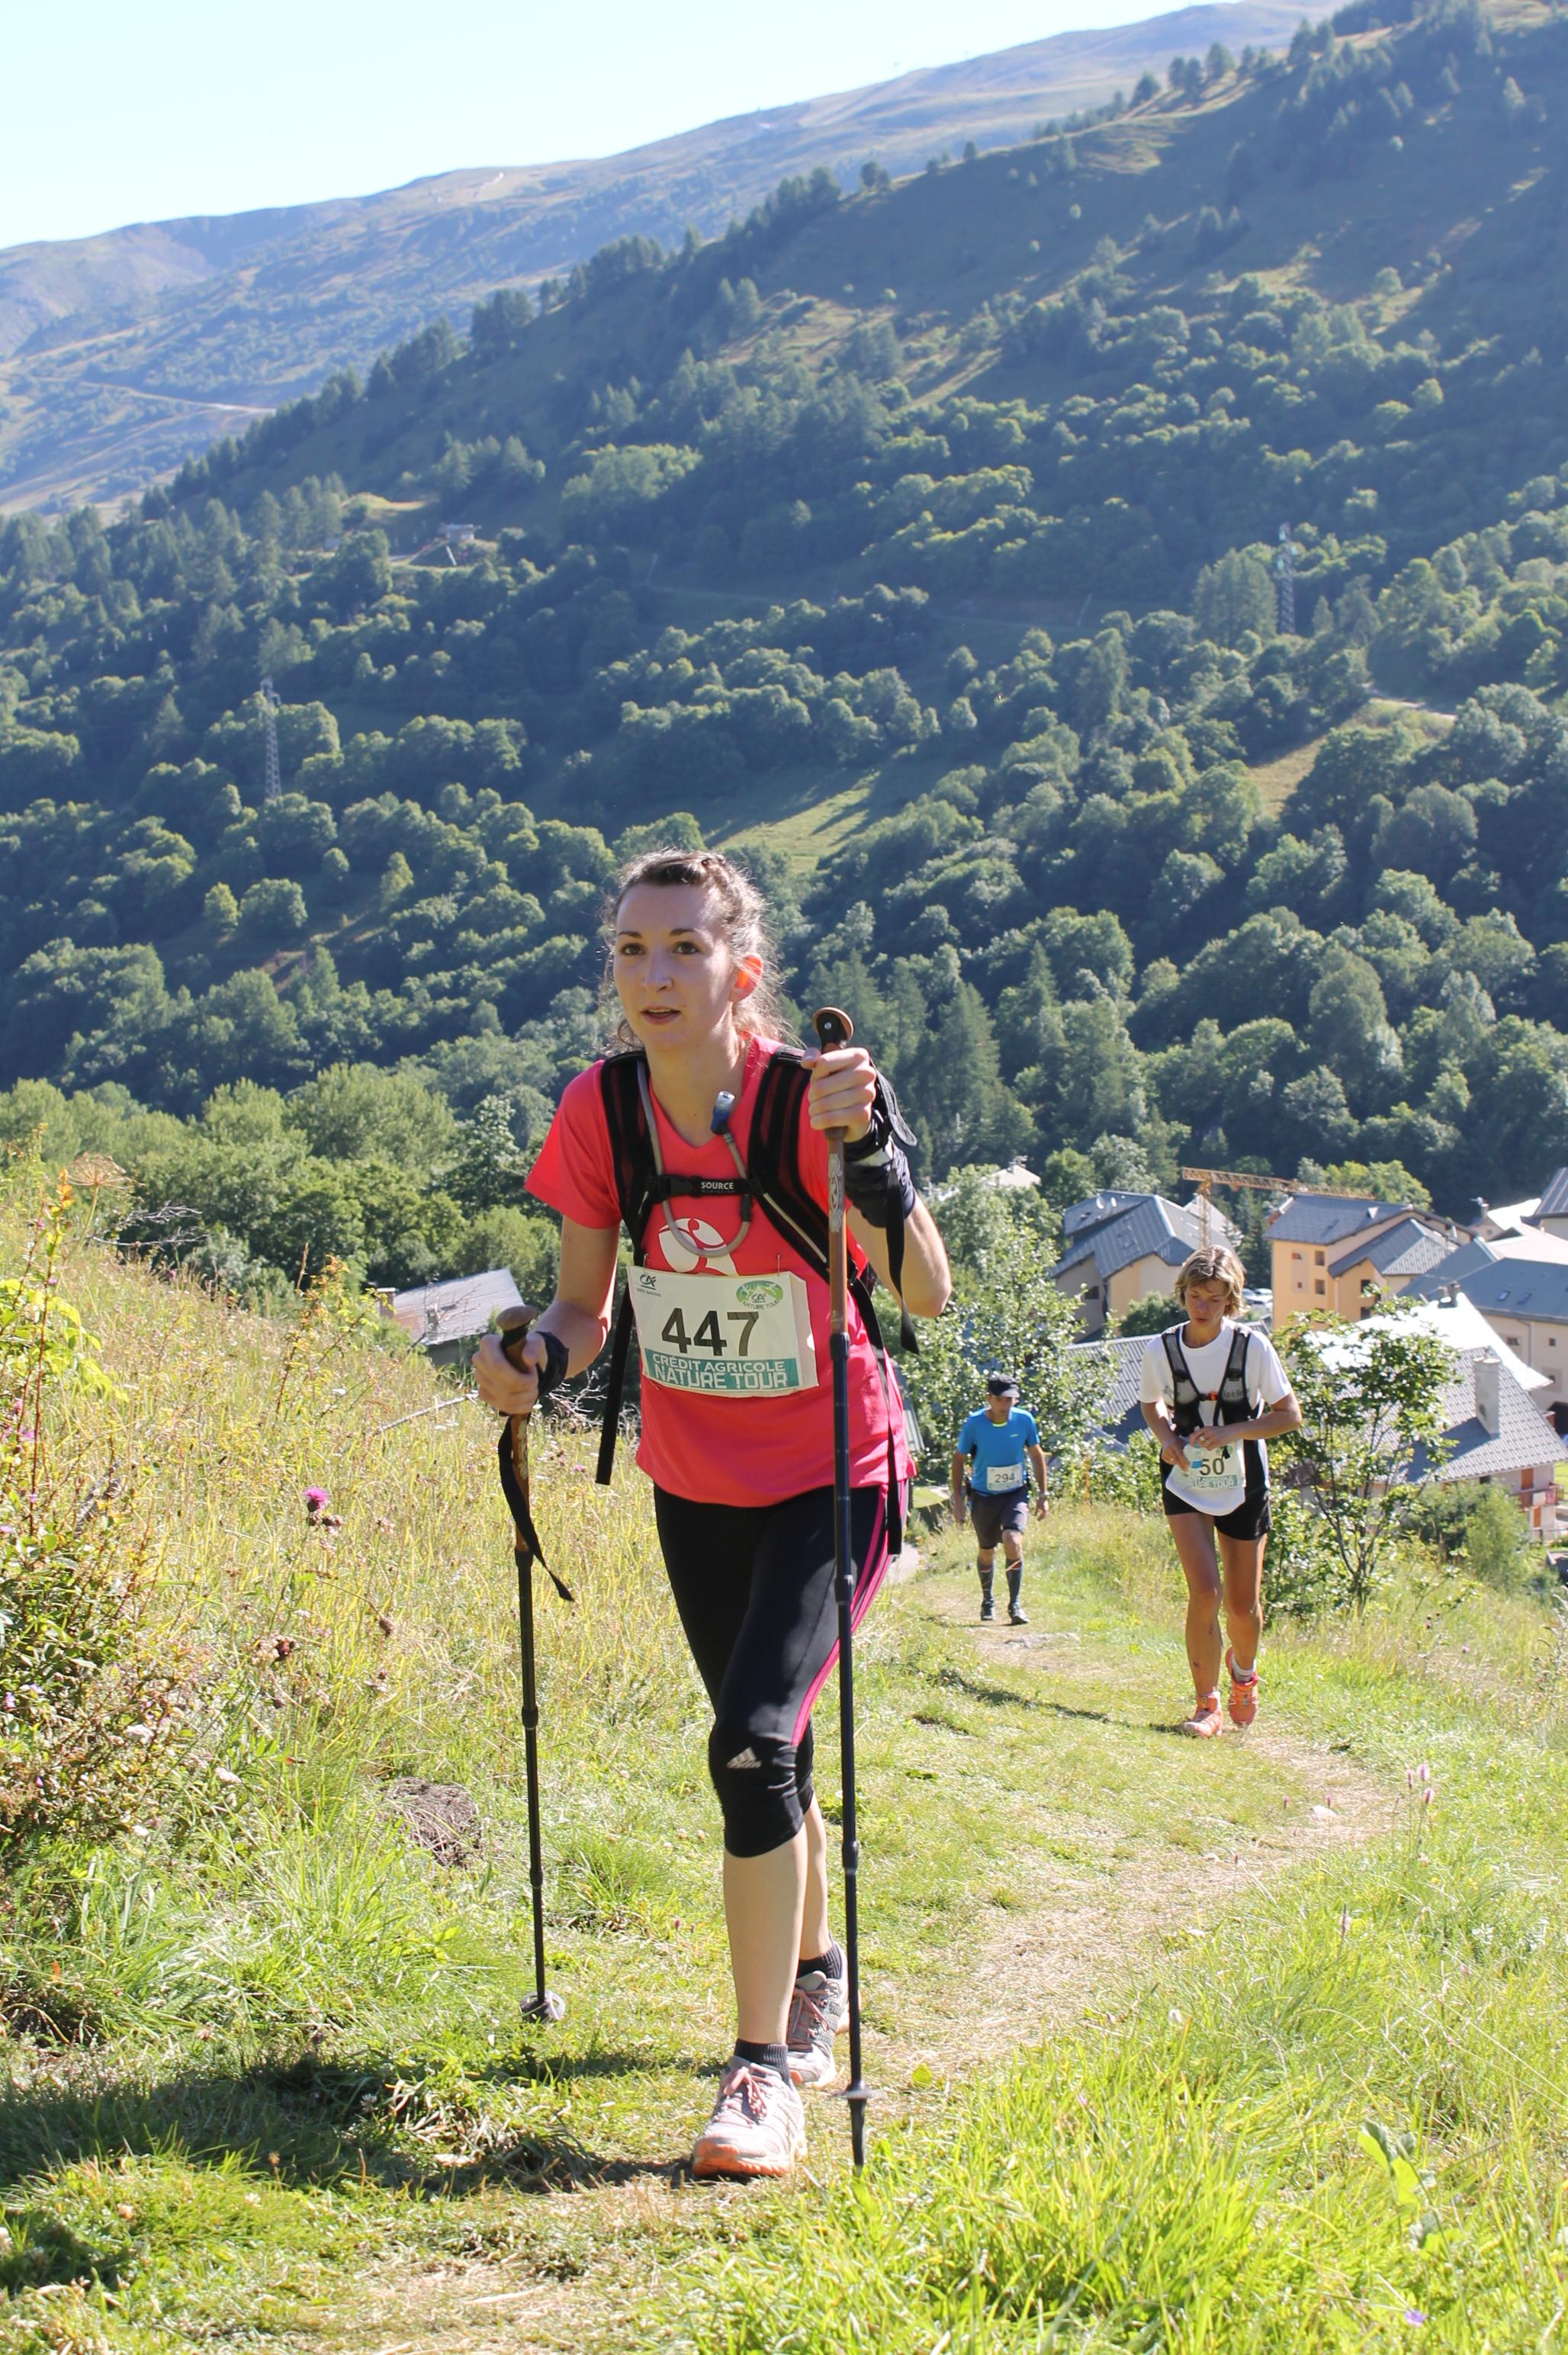 IMG 5148 - Trail du Galibier 2014 : résultats, photos et interview exclusive du vainqueur Ludovic Pommeret (Team Hoka)